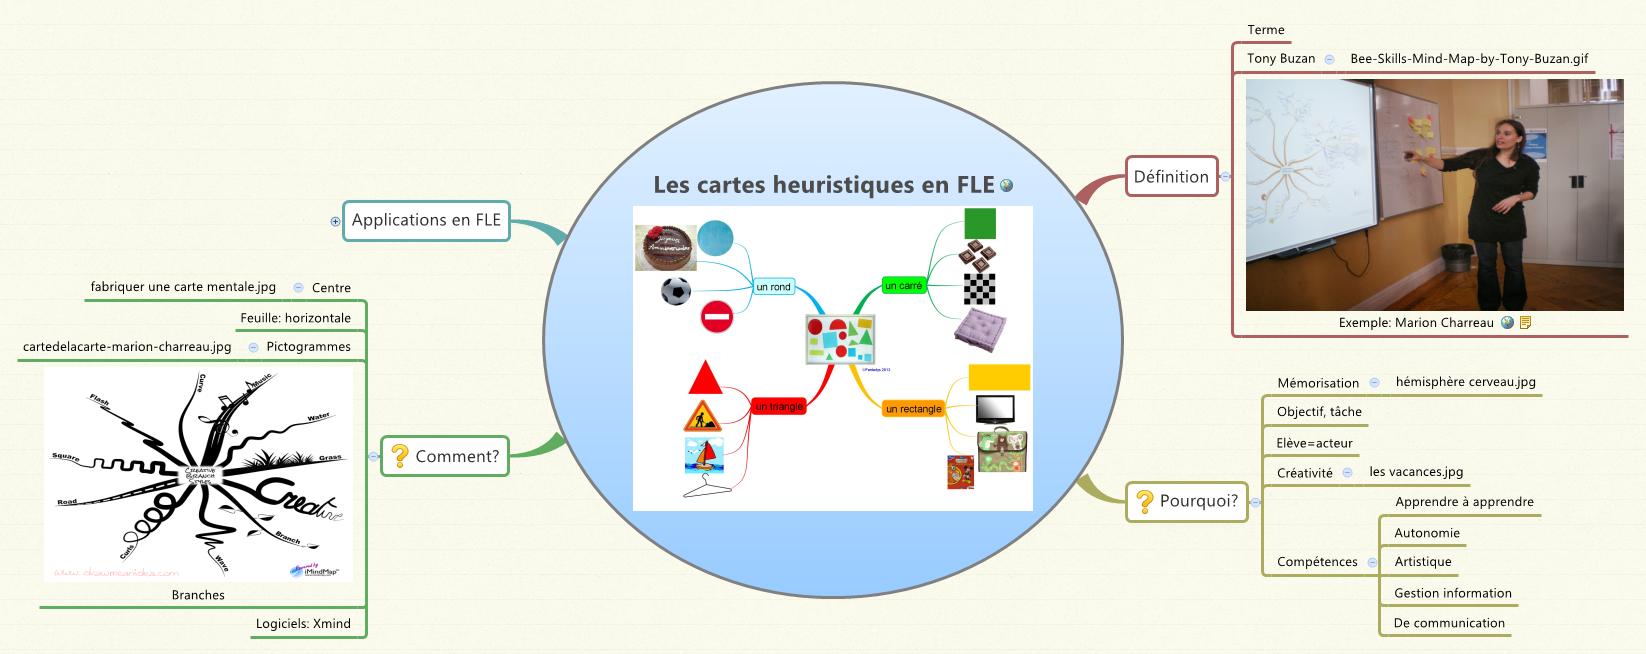 Les cartes heuristiques en FLE